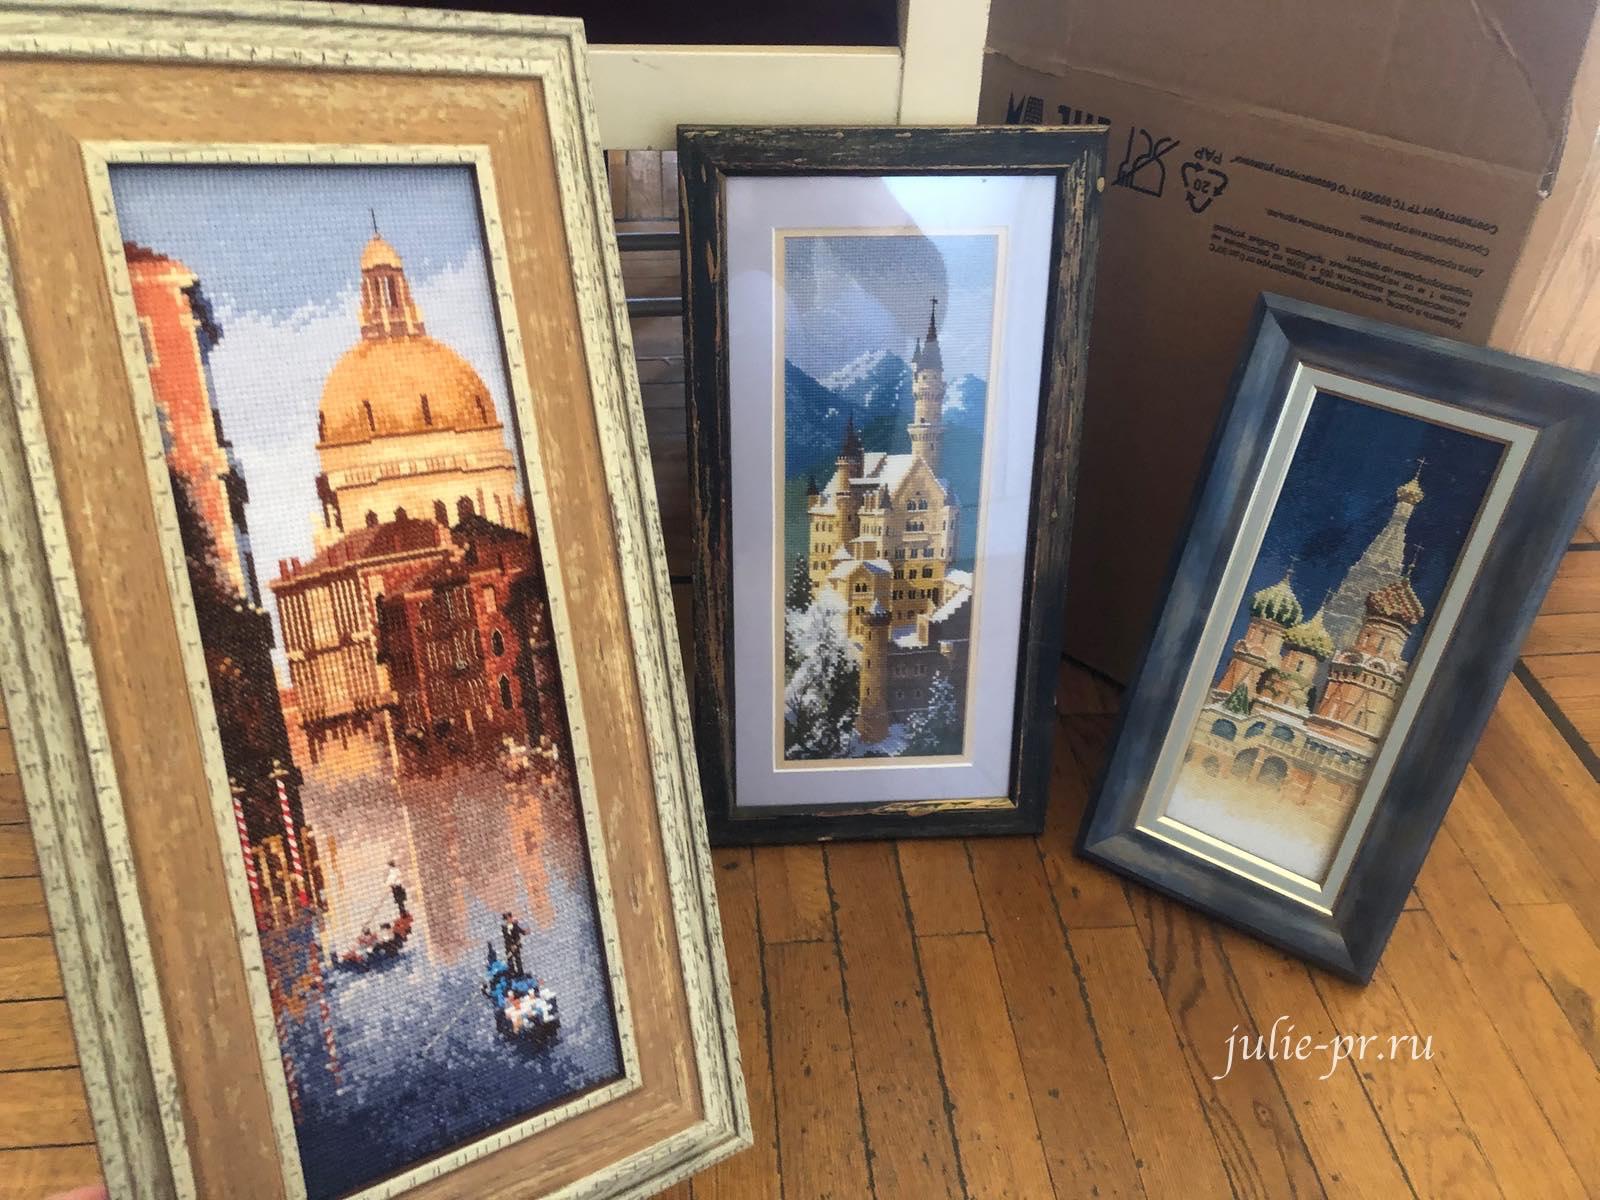 интернациональная серия, Венеция, замок Нойшванштайн, Собор Василия Блаженного, вышивка крестом, Heritage, John Clayton, выставка Грани Джона Клейтона